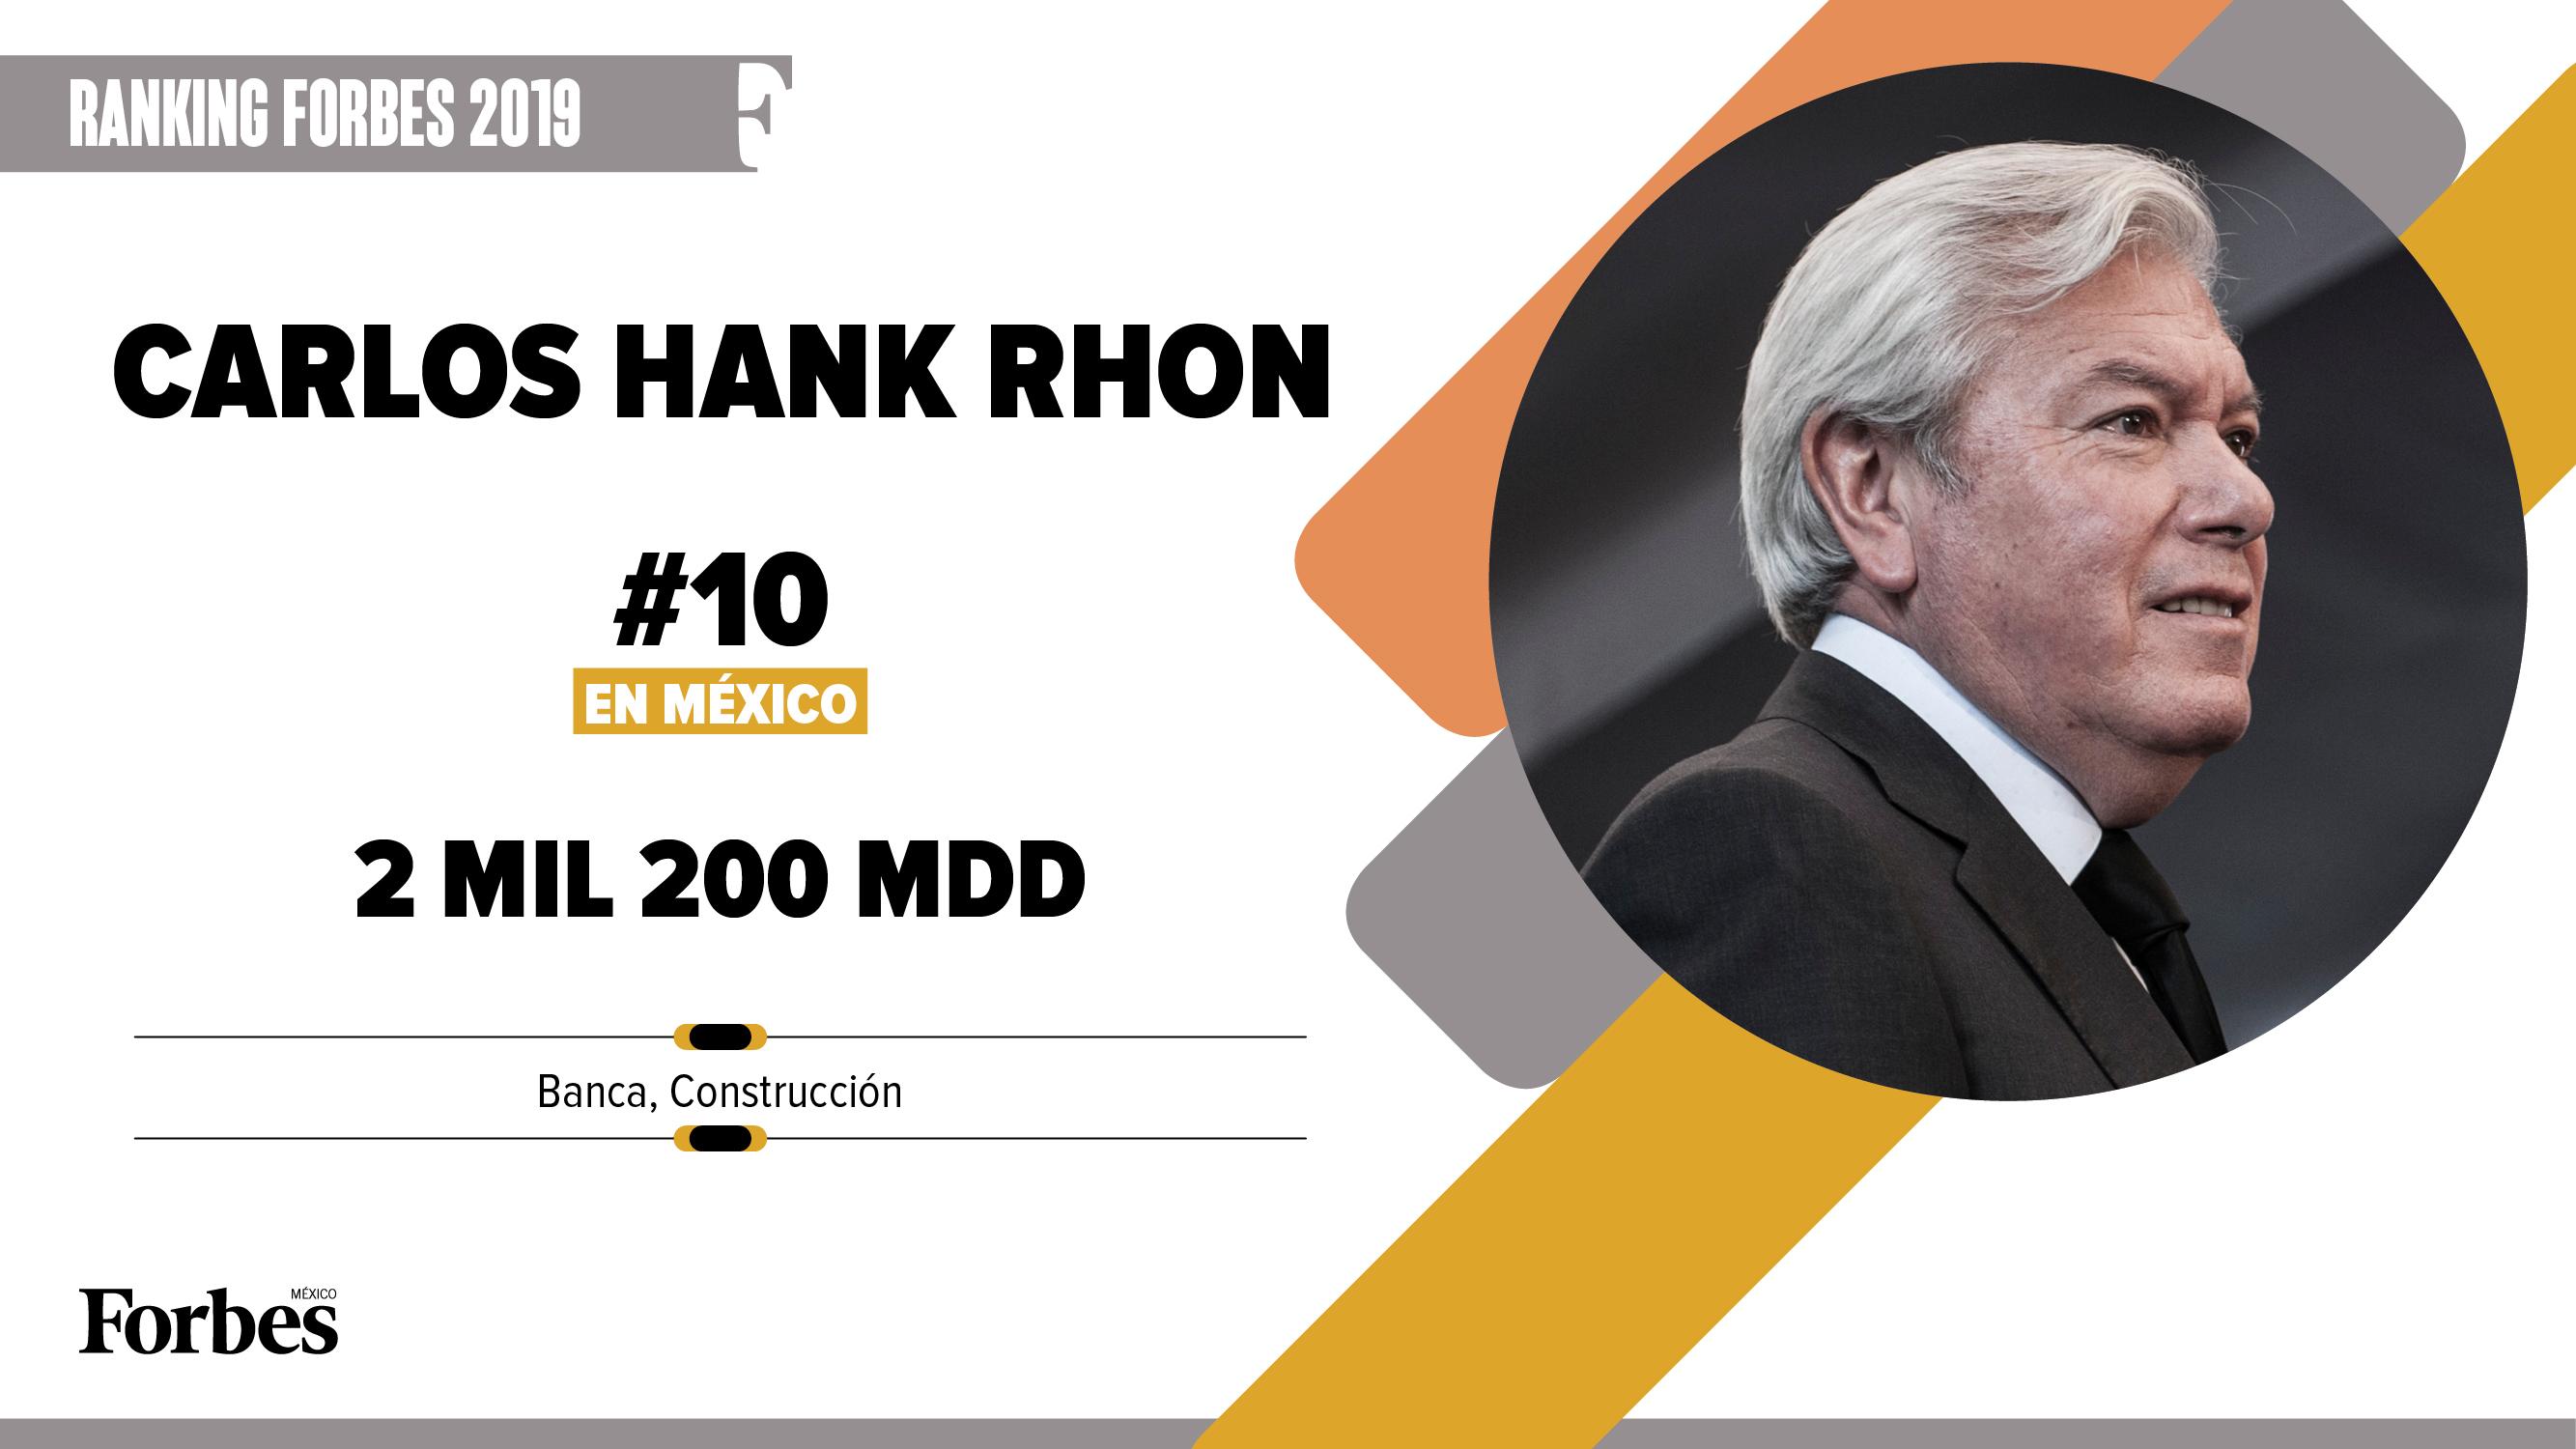 Billionaires 2019 | Carlos Hank Rhon, bancos y construcción